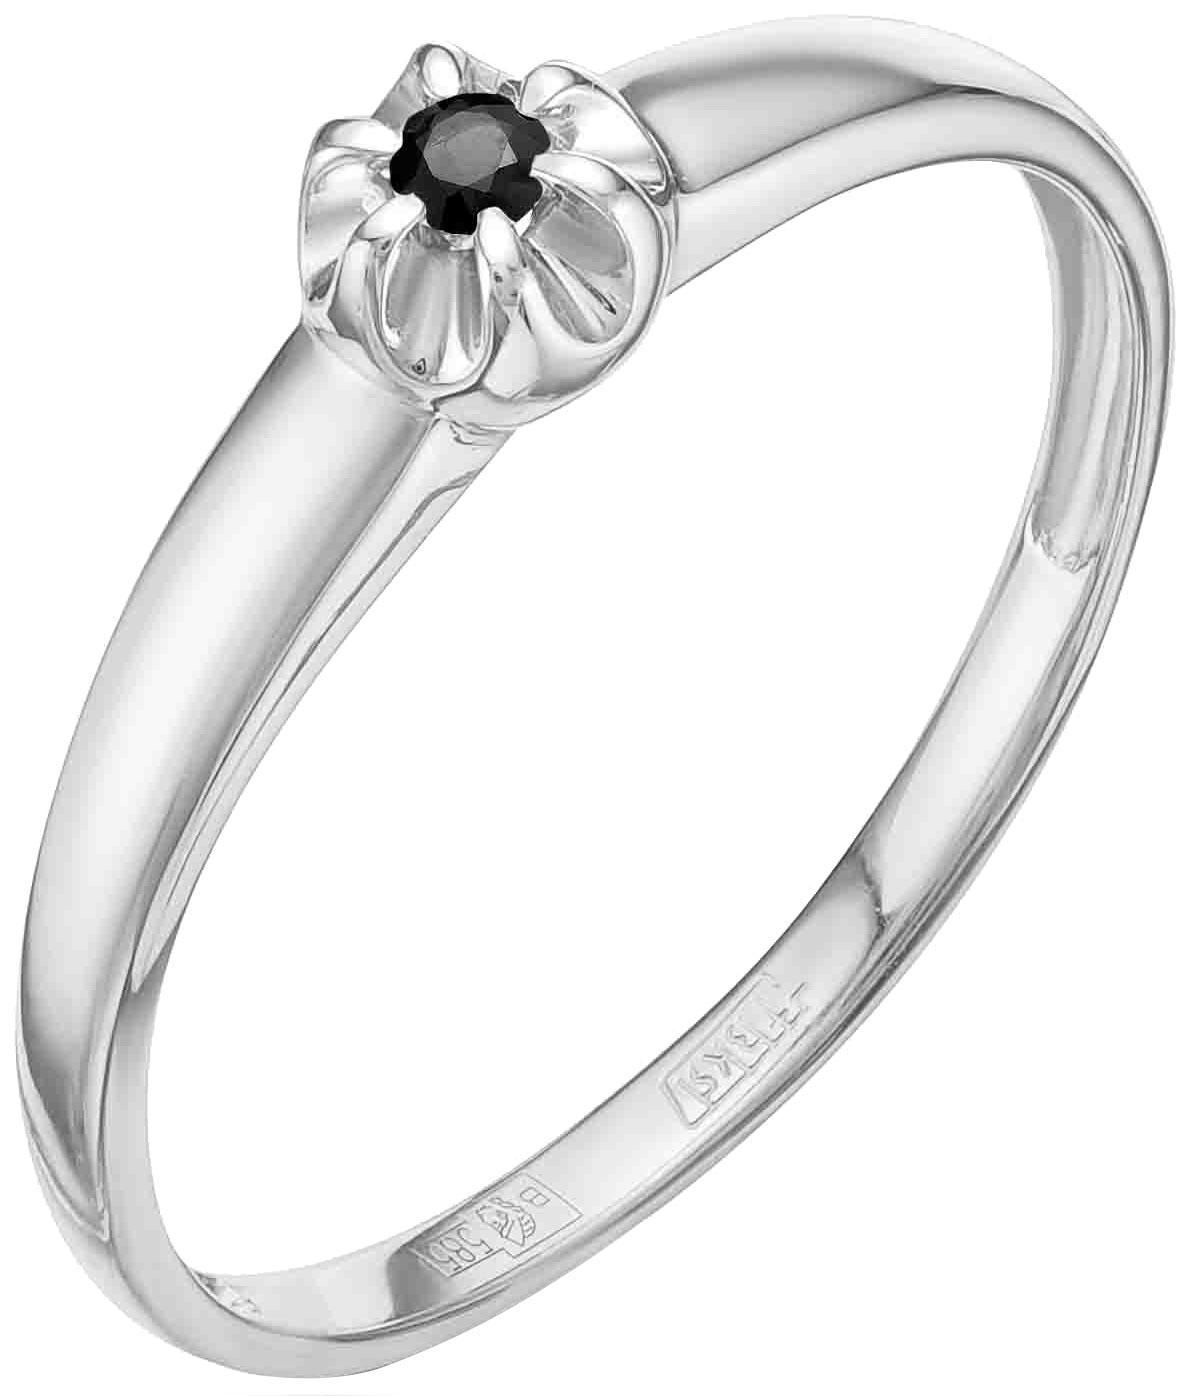 Кольца Vesna jewelry 1585-256-02-00 429647 фото